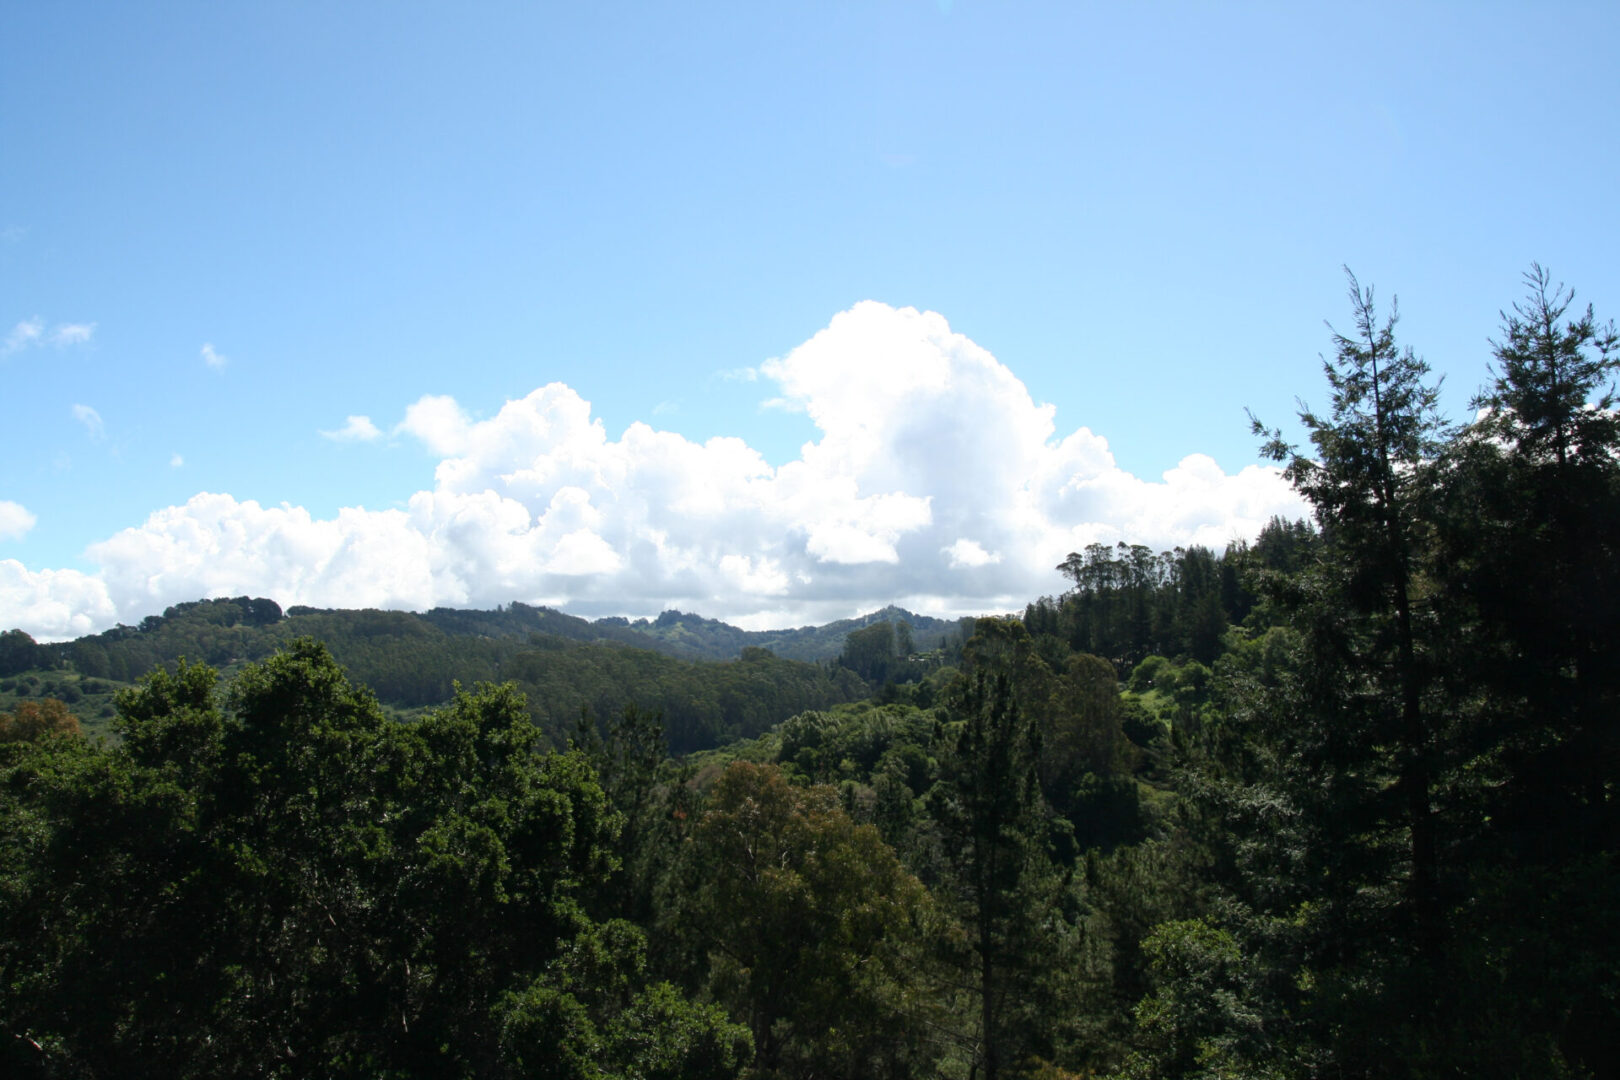 Clouds over Tilden